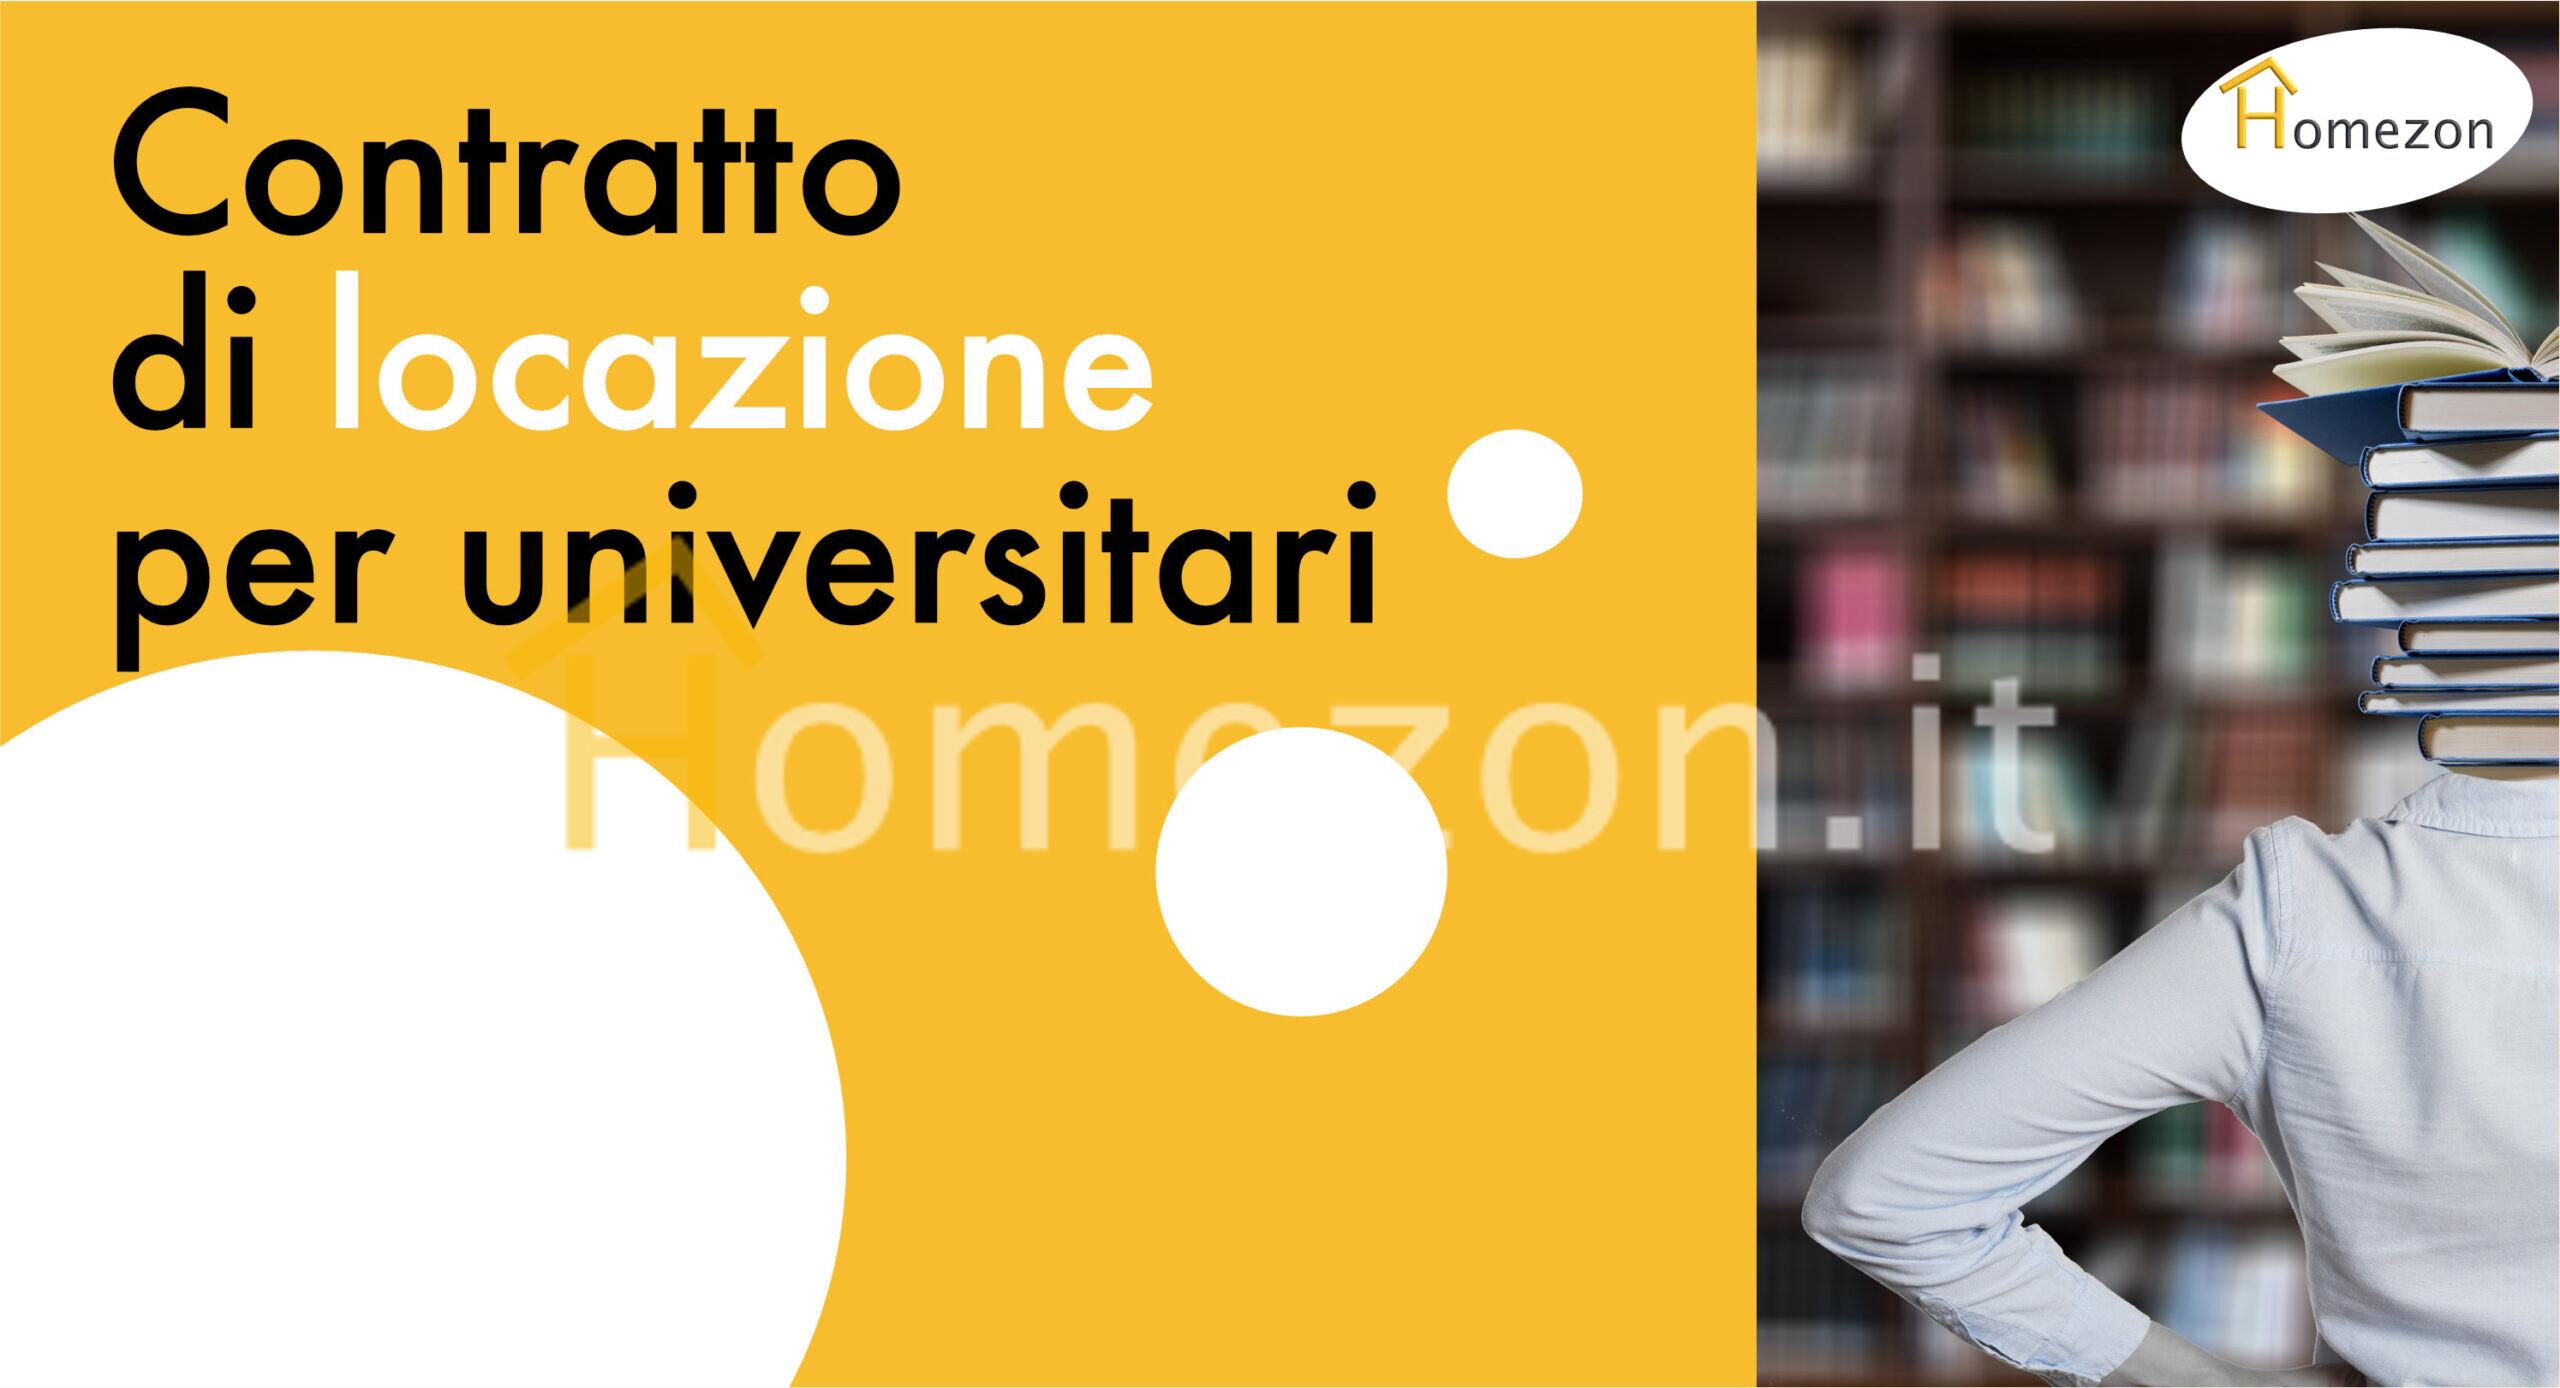 Grafica con il titolo dell'articolo e una foto di una universitaria con la testa nei libri